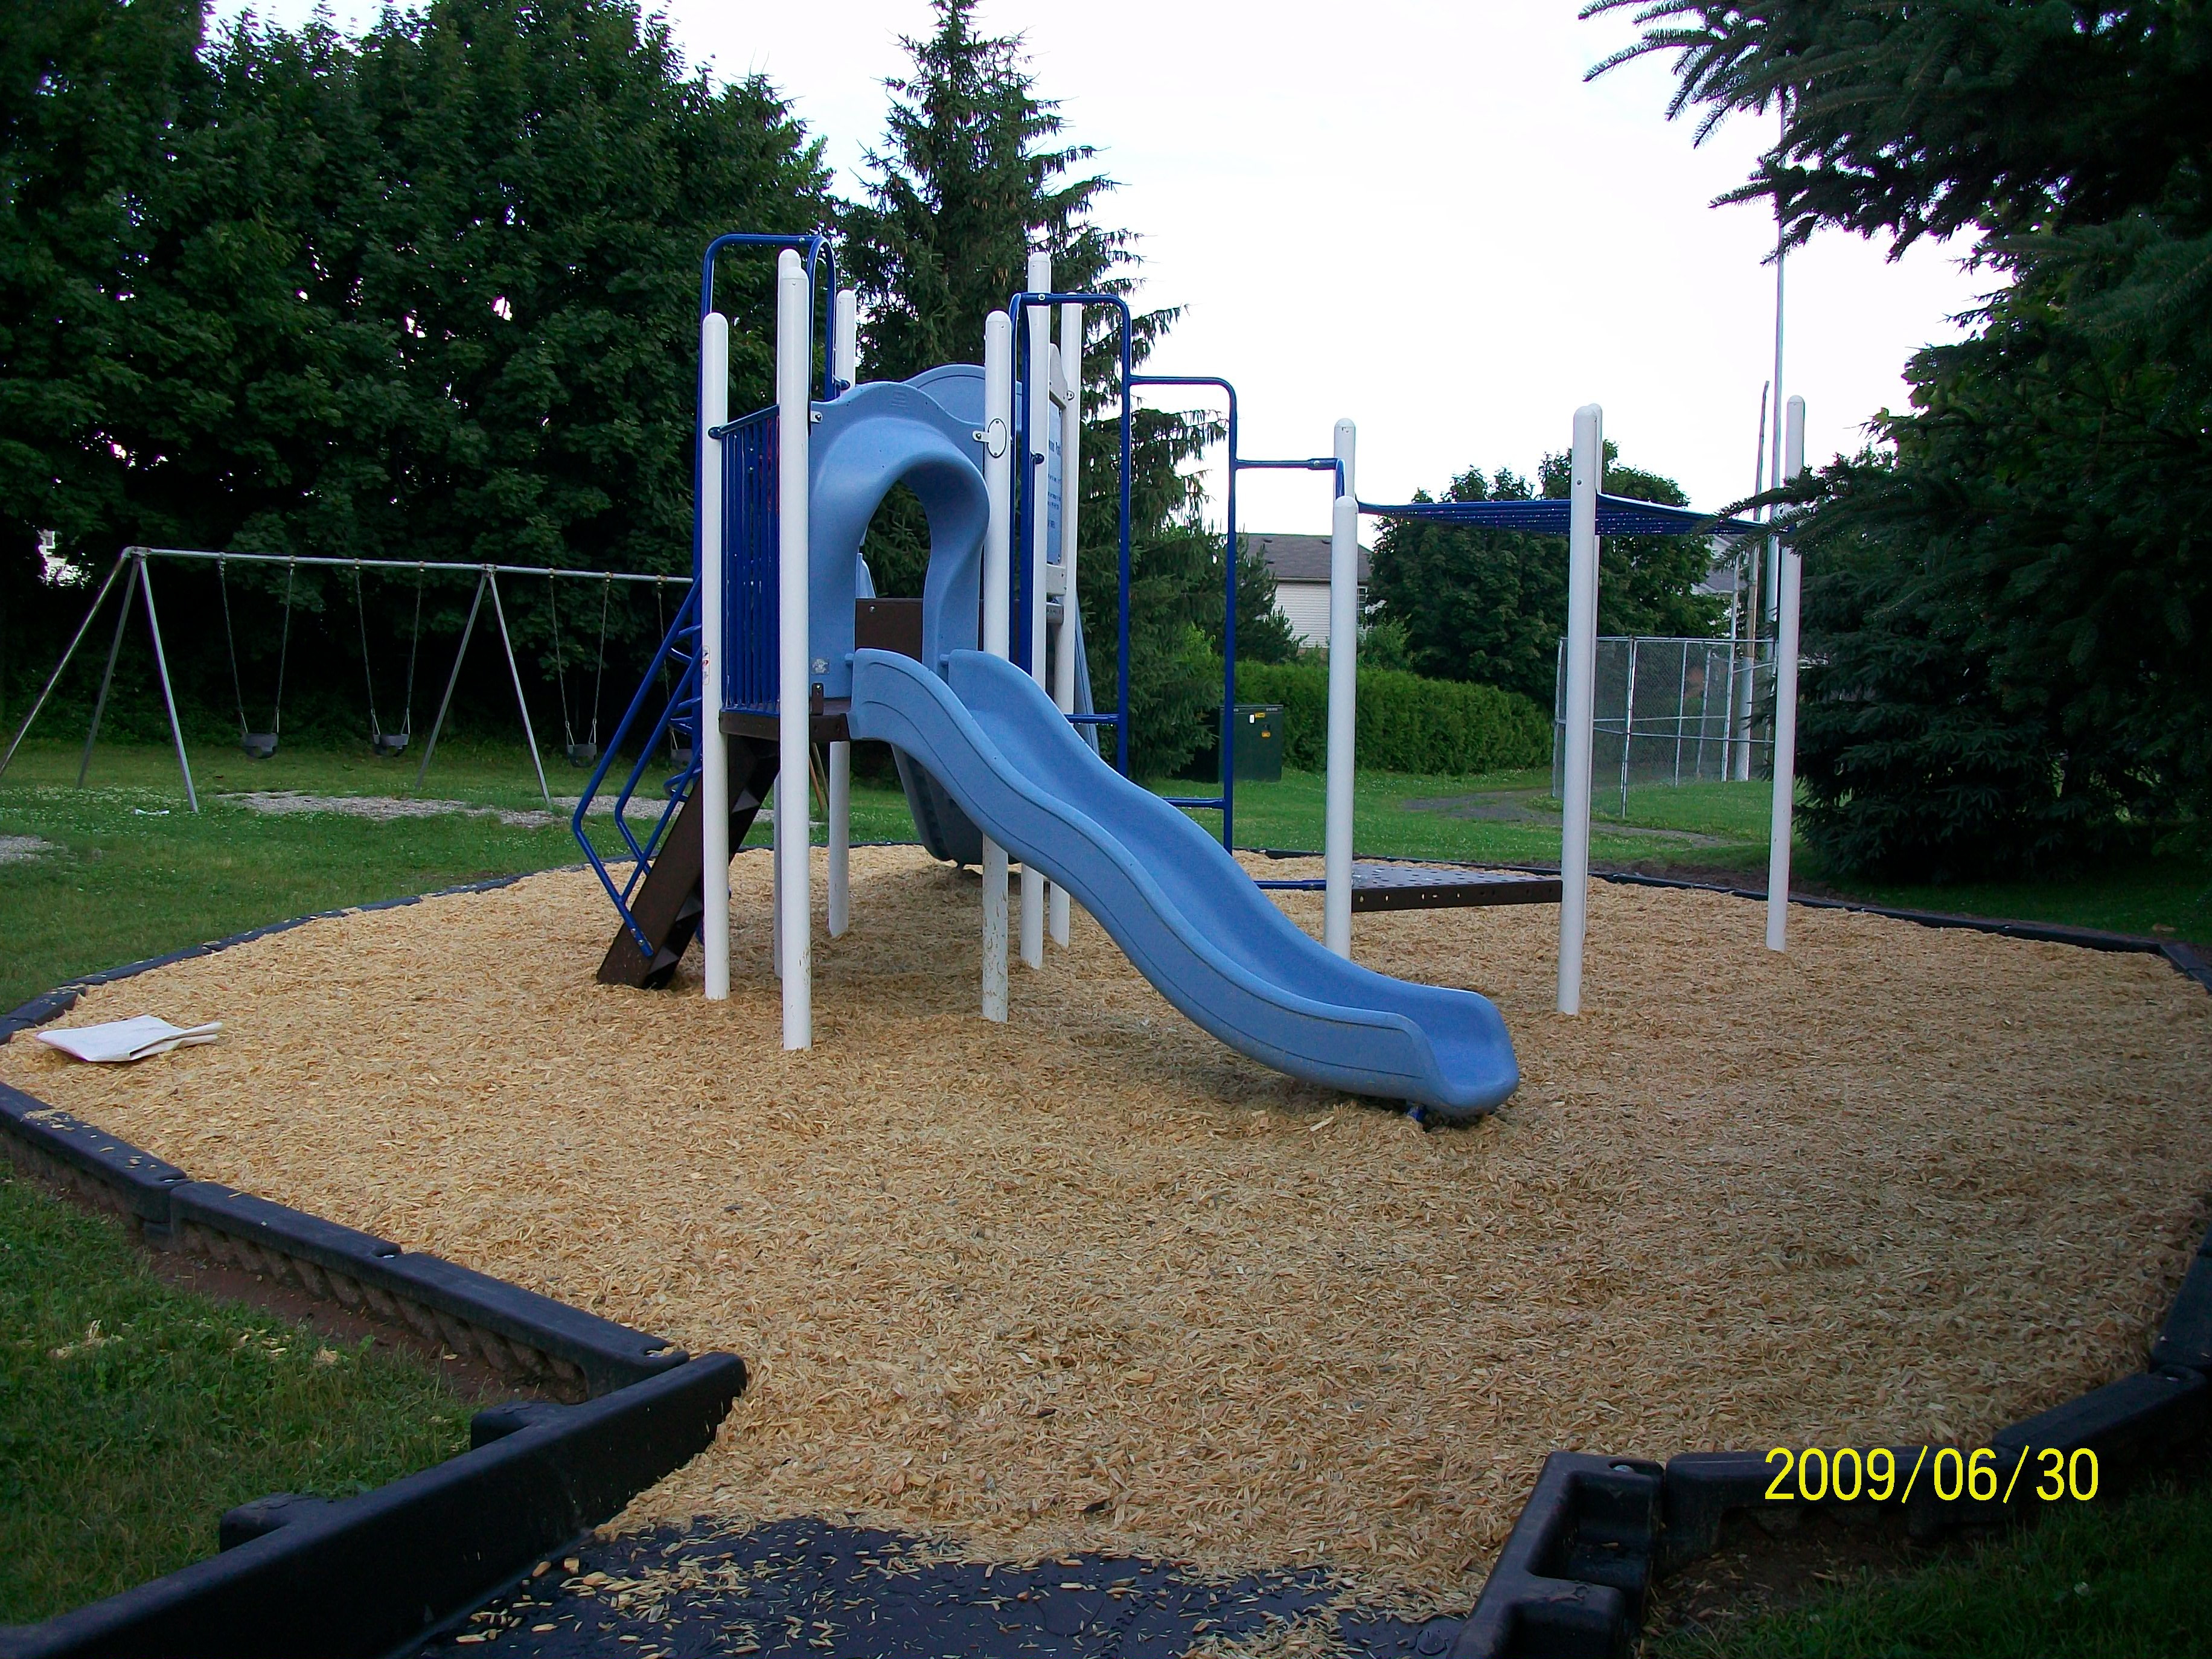 playground pics 2009 Sherwood2.jpg